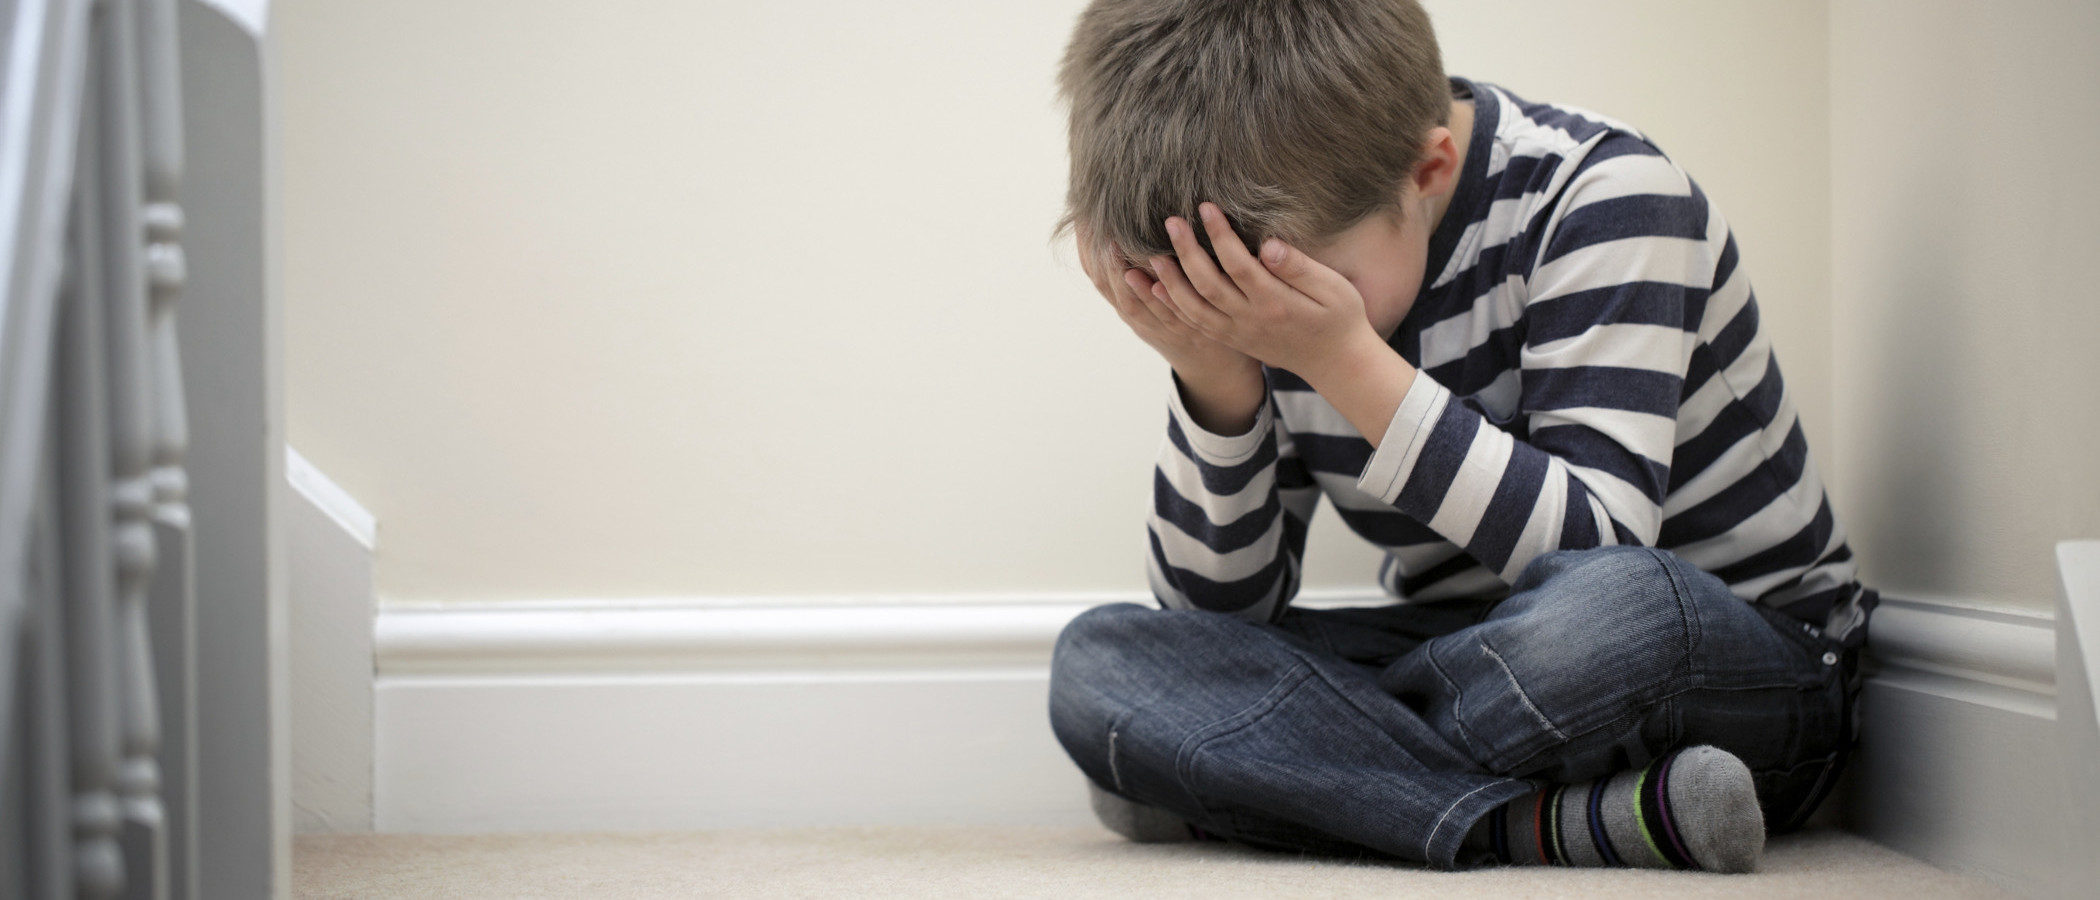 Cómo detectar si tu hijo sufre bullying en el colegio